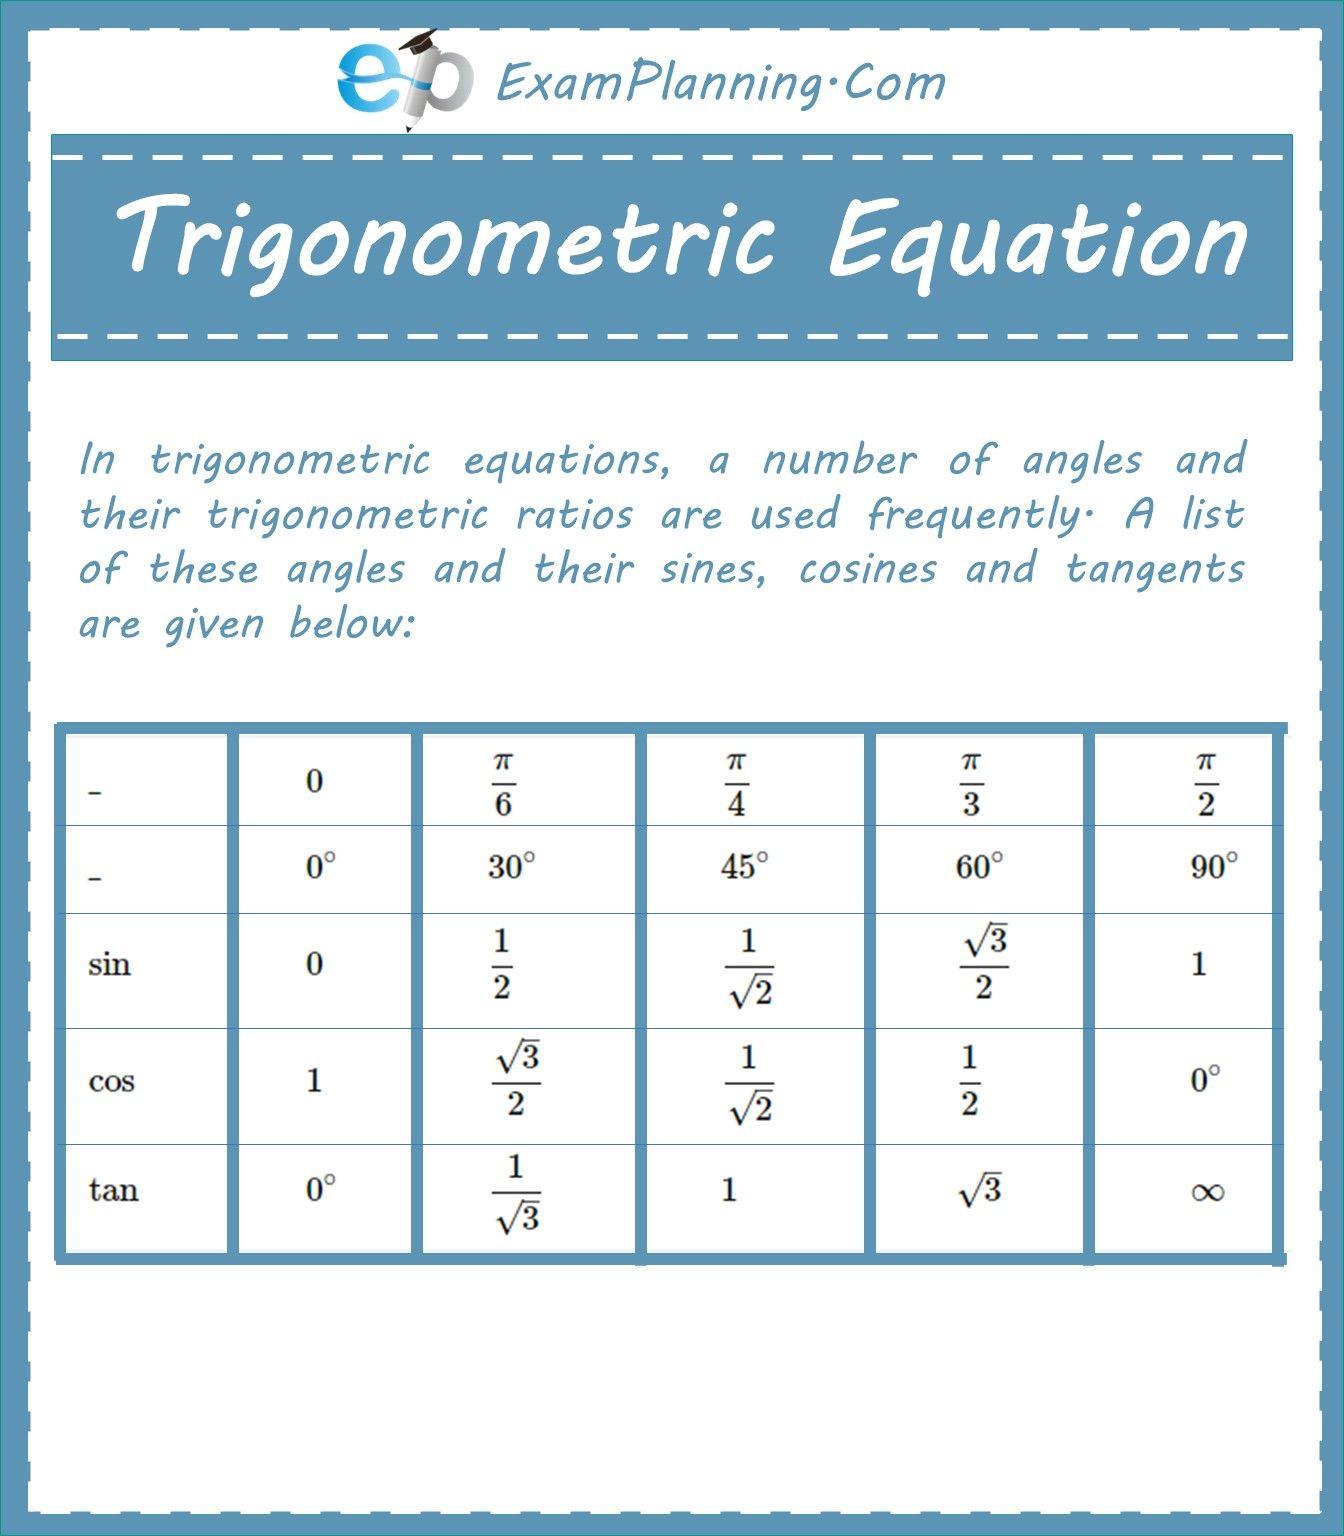 Trigonometric Equation